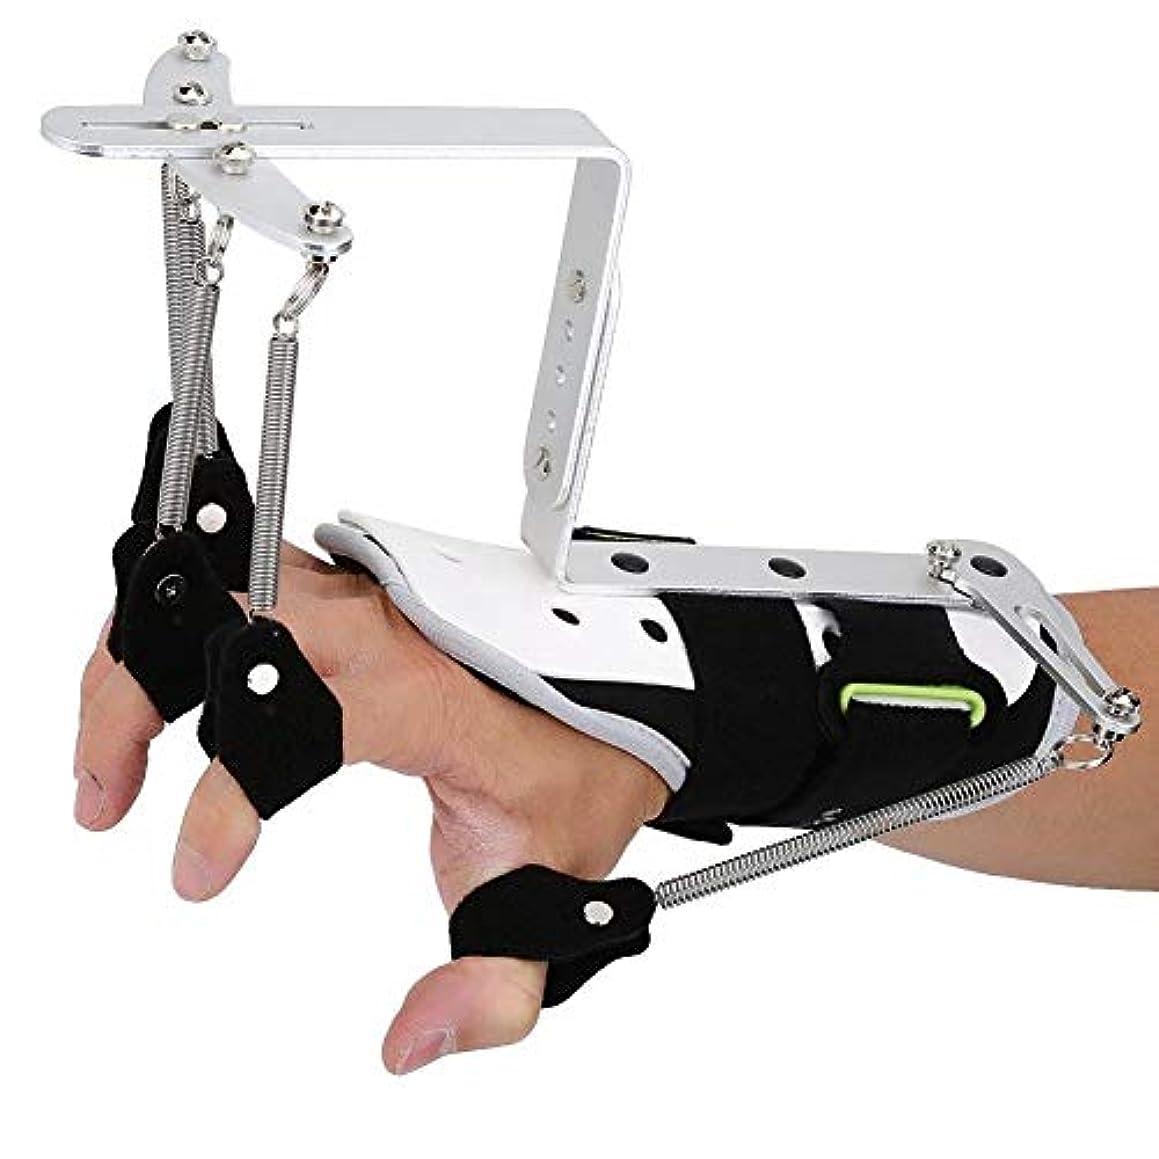 アーティスト忙しいカテゴリー脳卒中片麻痺患者の指損傷サポート、指リハビリテーション副木サポート手首矯正トレーニング機器